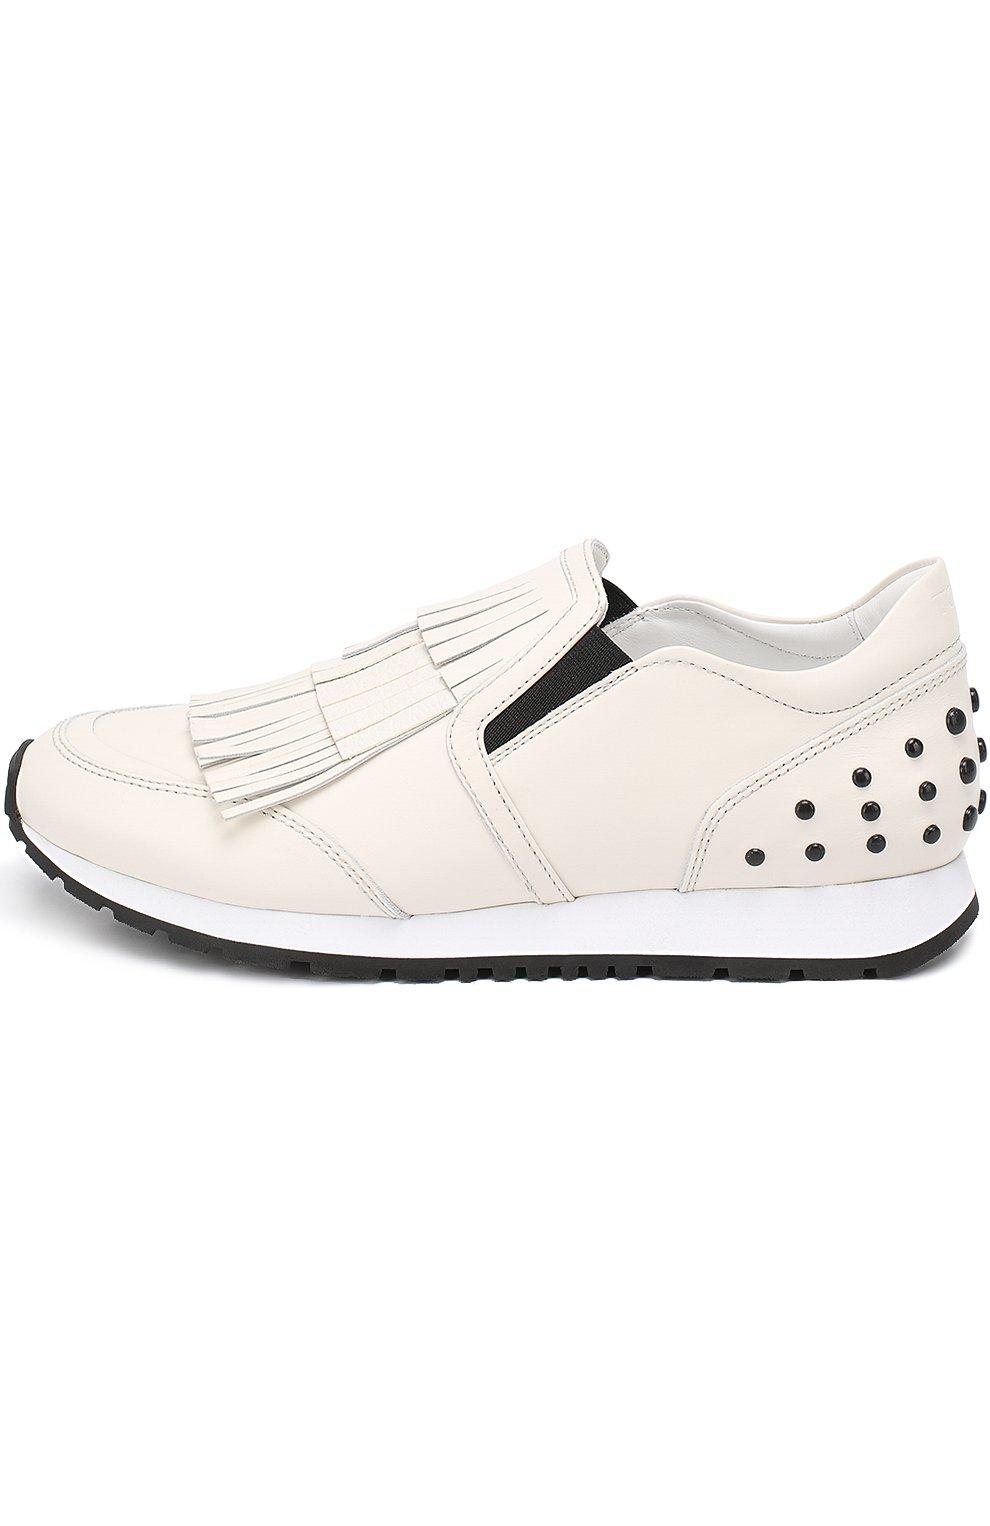 Кожаные кроссовки Sportivo с бахромой   Фото №3